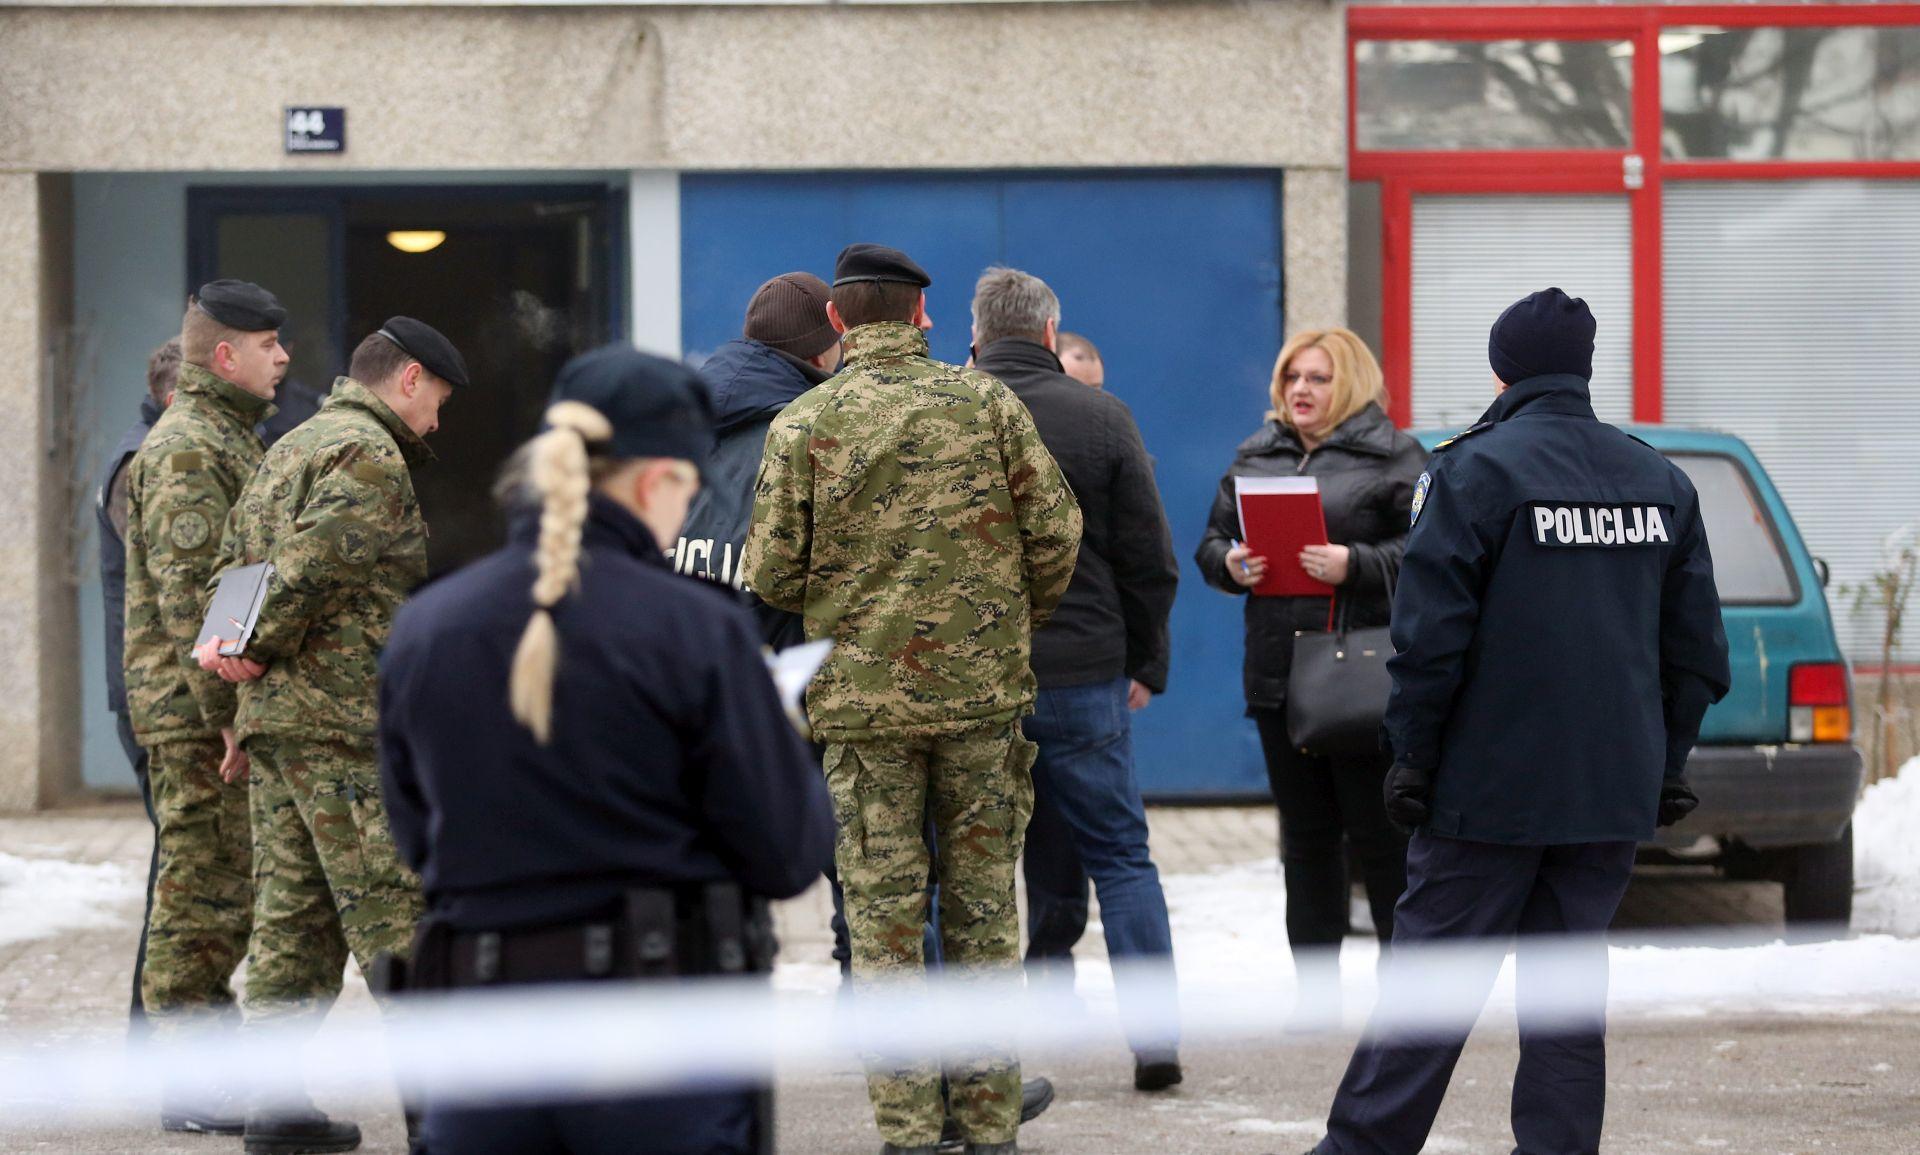 TRAGEDIJA U ŠPANSKOM: Ubojica je već bio prijavljivan za obiteljsko nasilje